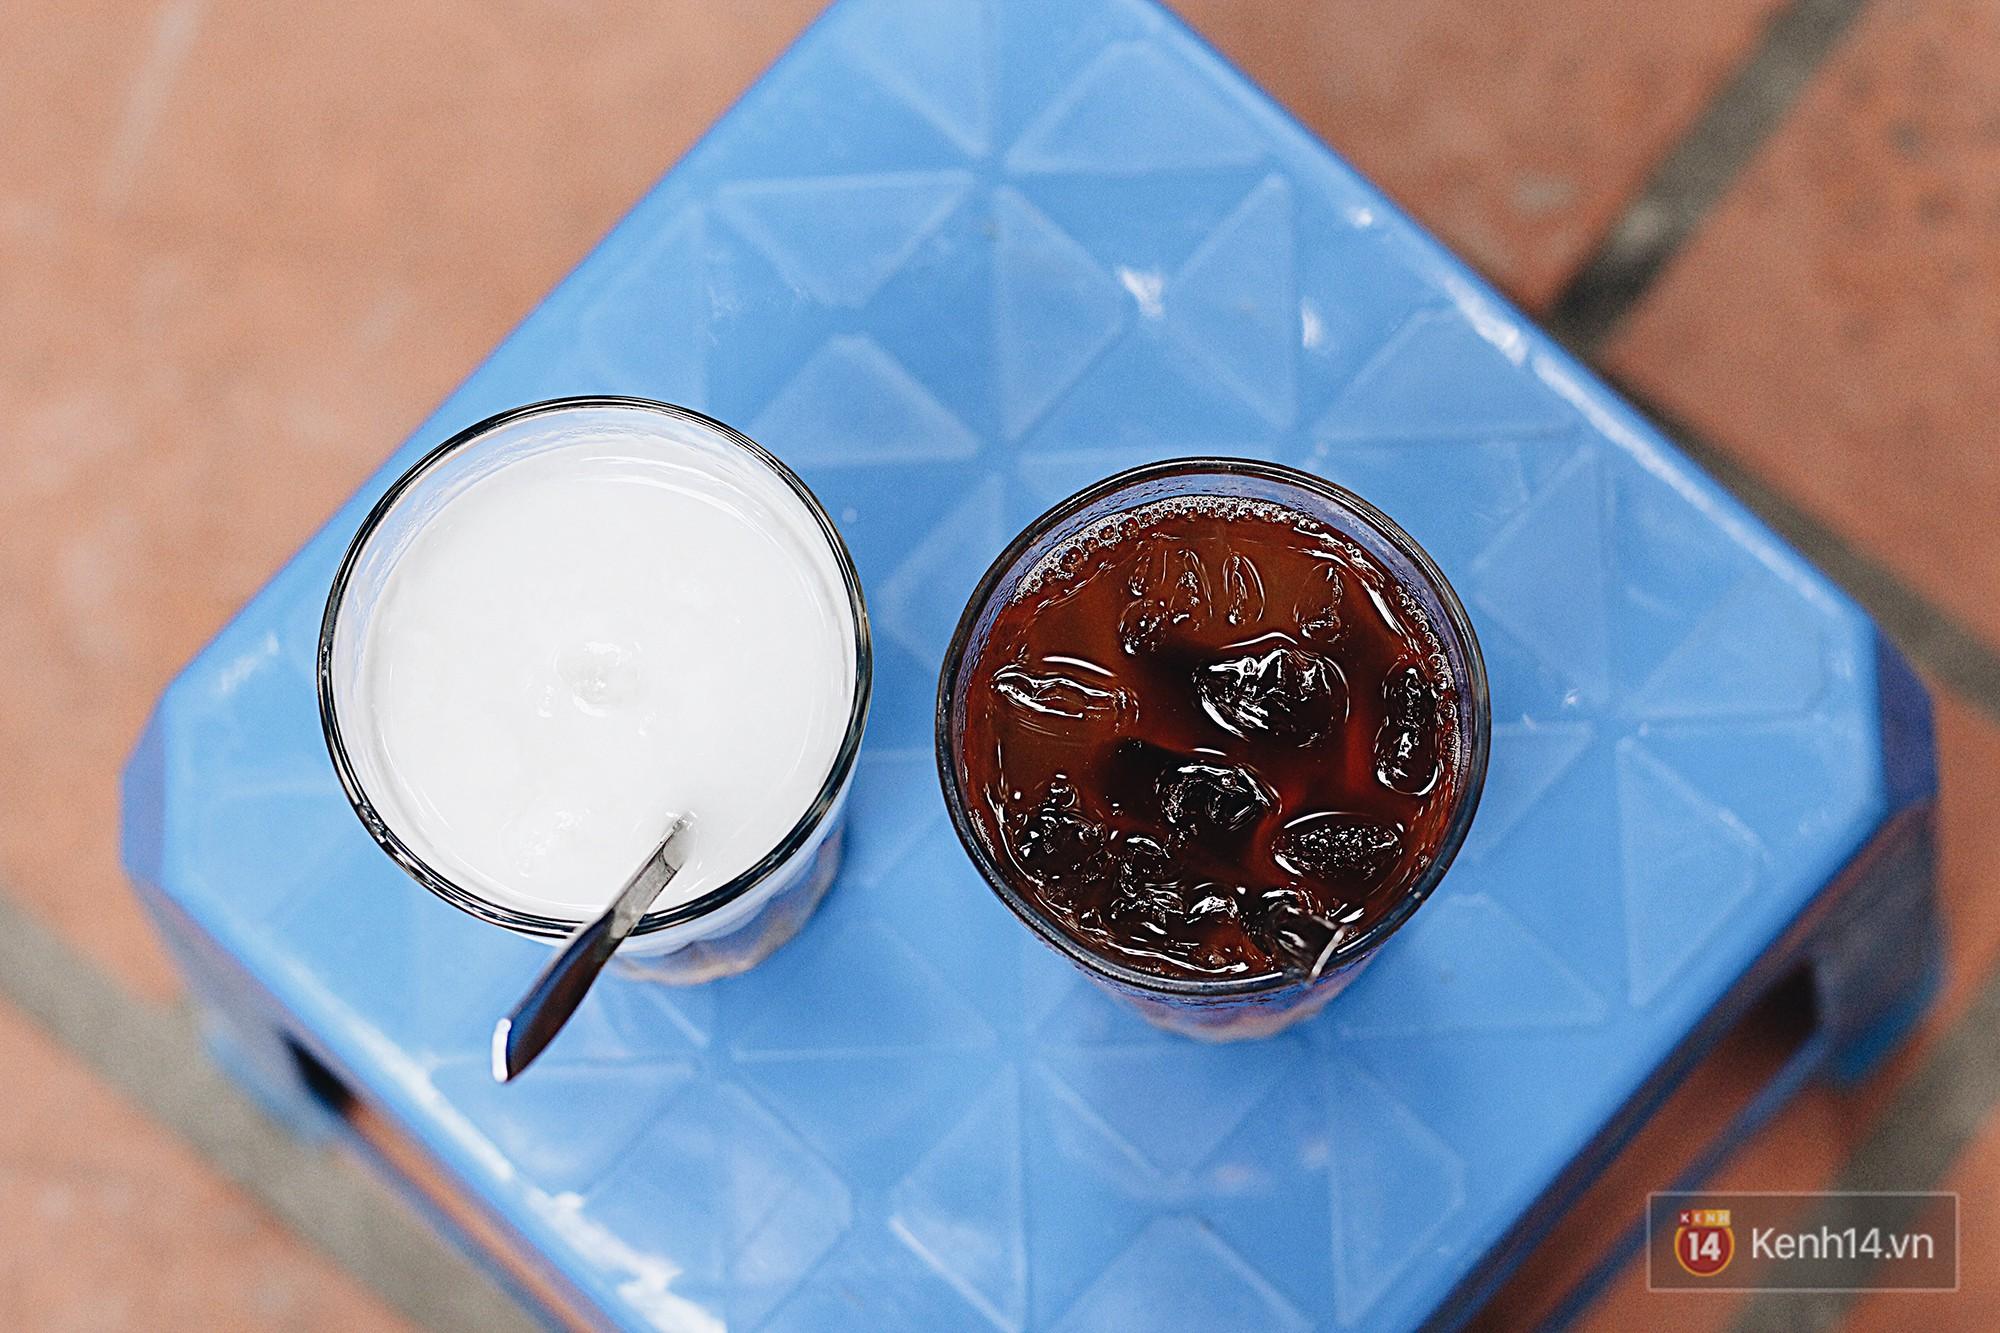 Quán trà thạch gắn liền với tuổi thơ nổi danh ở khu tập thể Kim Liên - Ảnh 11.